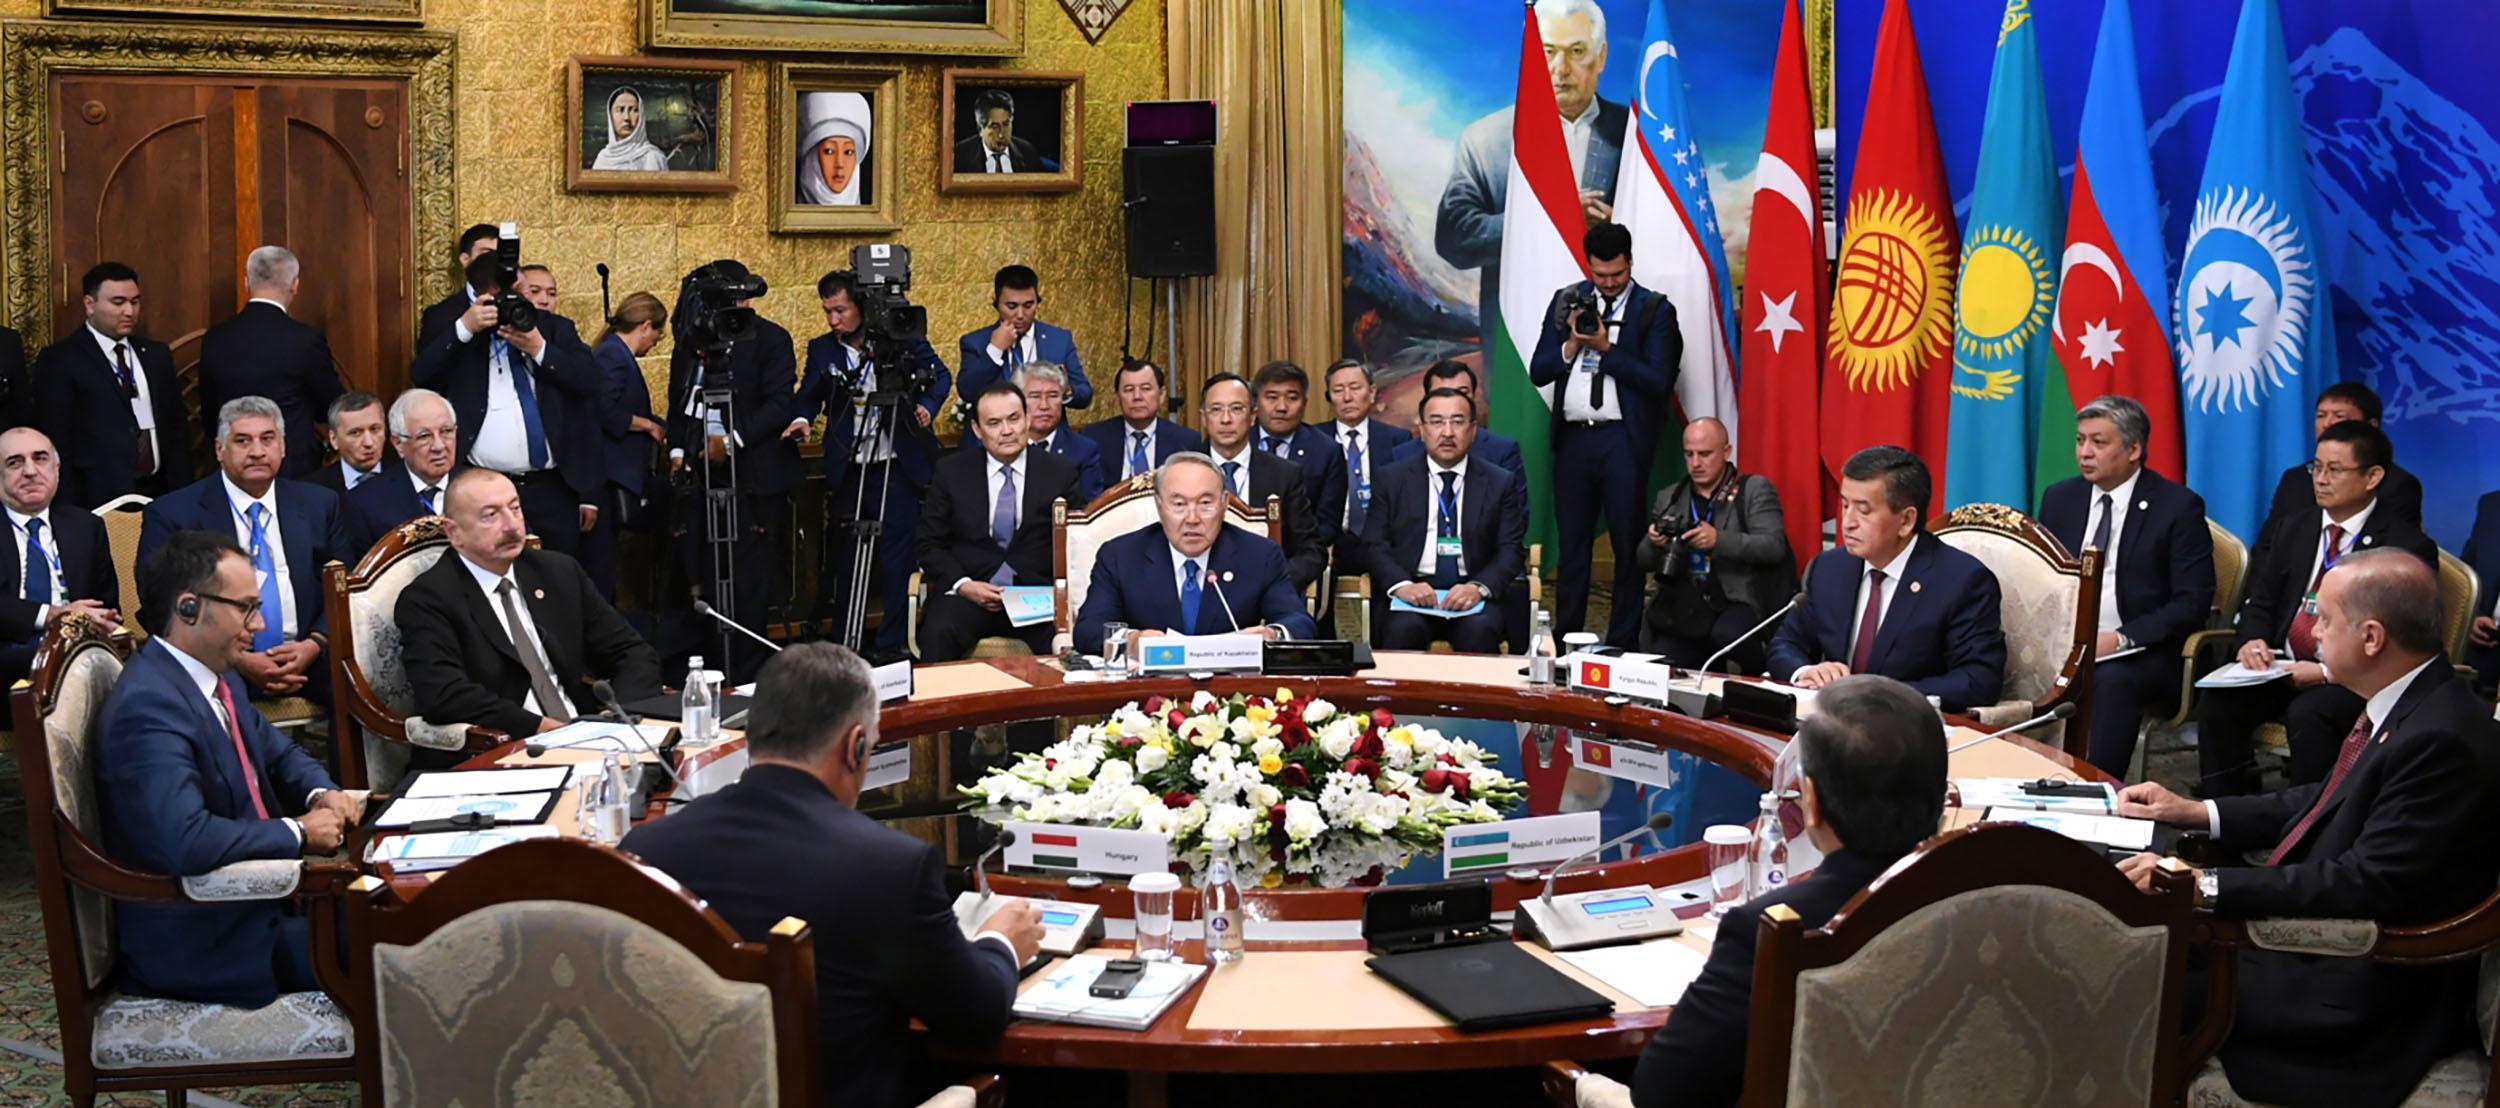 Елбасы Түркі кеңесінің VI саммитінде АХҚО мүмкіндігін бірлесе пайдалануға шақырды